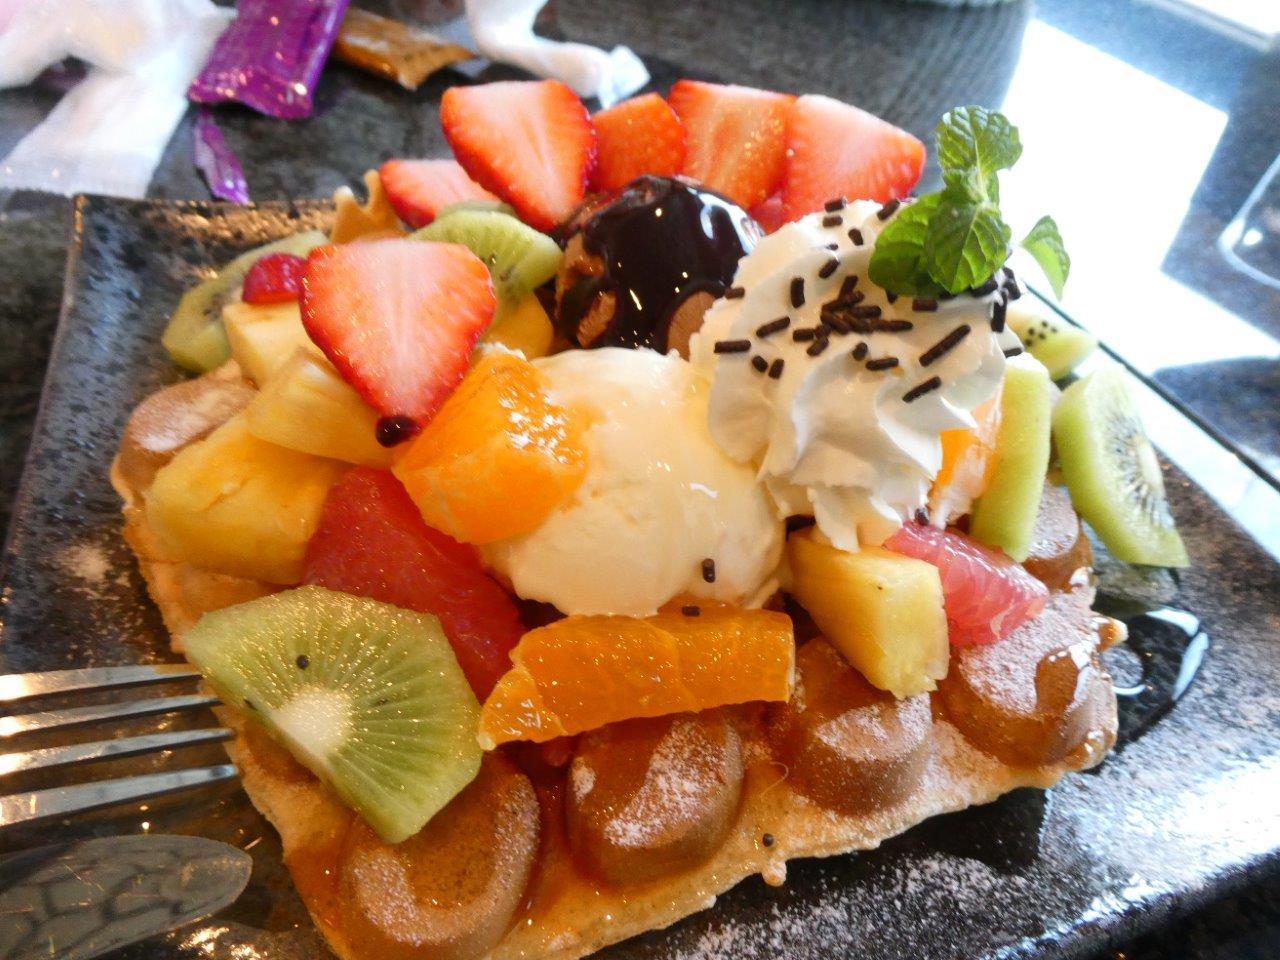 千馬ミヤビ (Miyabi)果物に精通した_d0106134_15585669.jpg